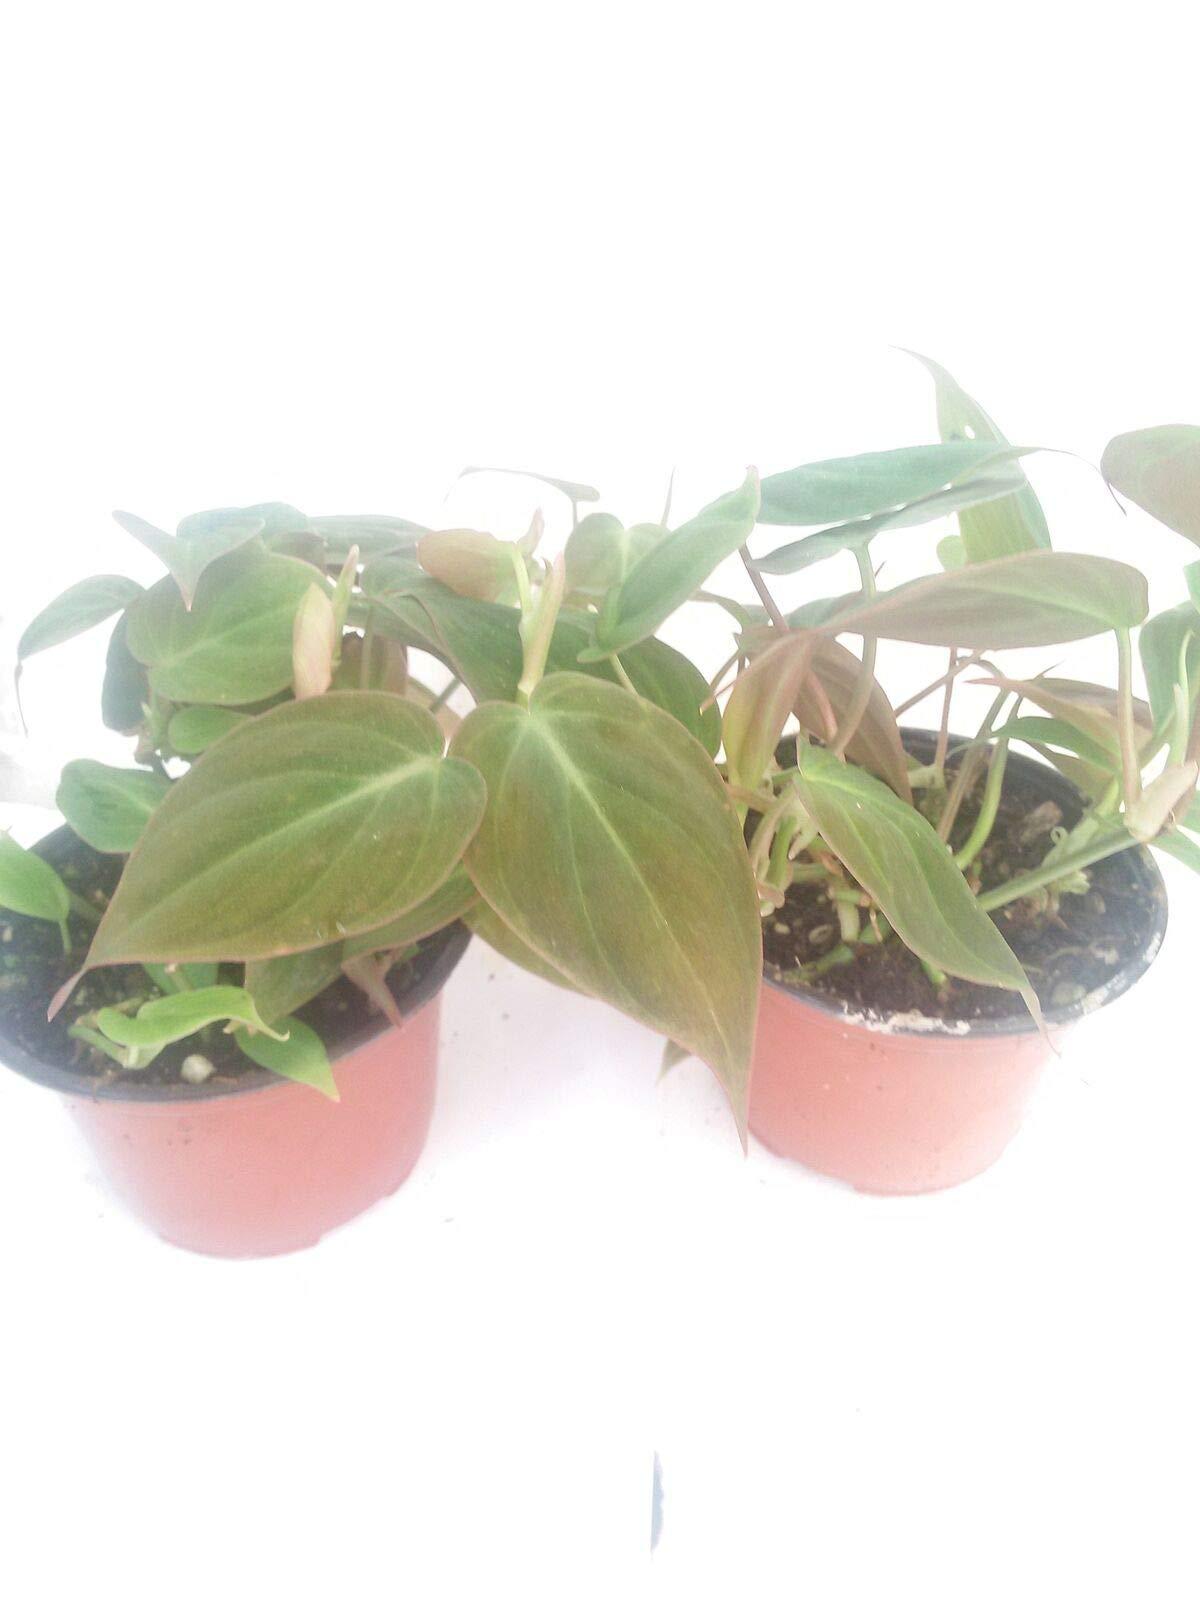 Two Velvet Leaf Live Plant Bronze Micans Vine 4''Pot Indoor Houseplant Best Gift